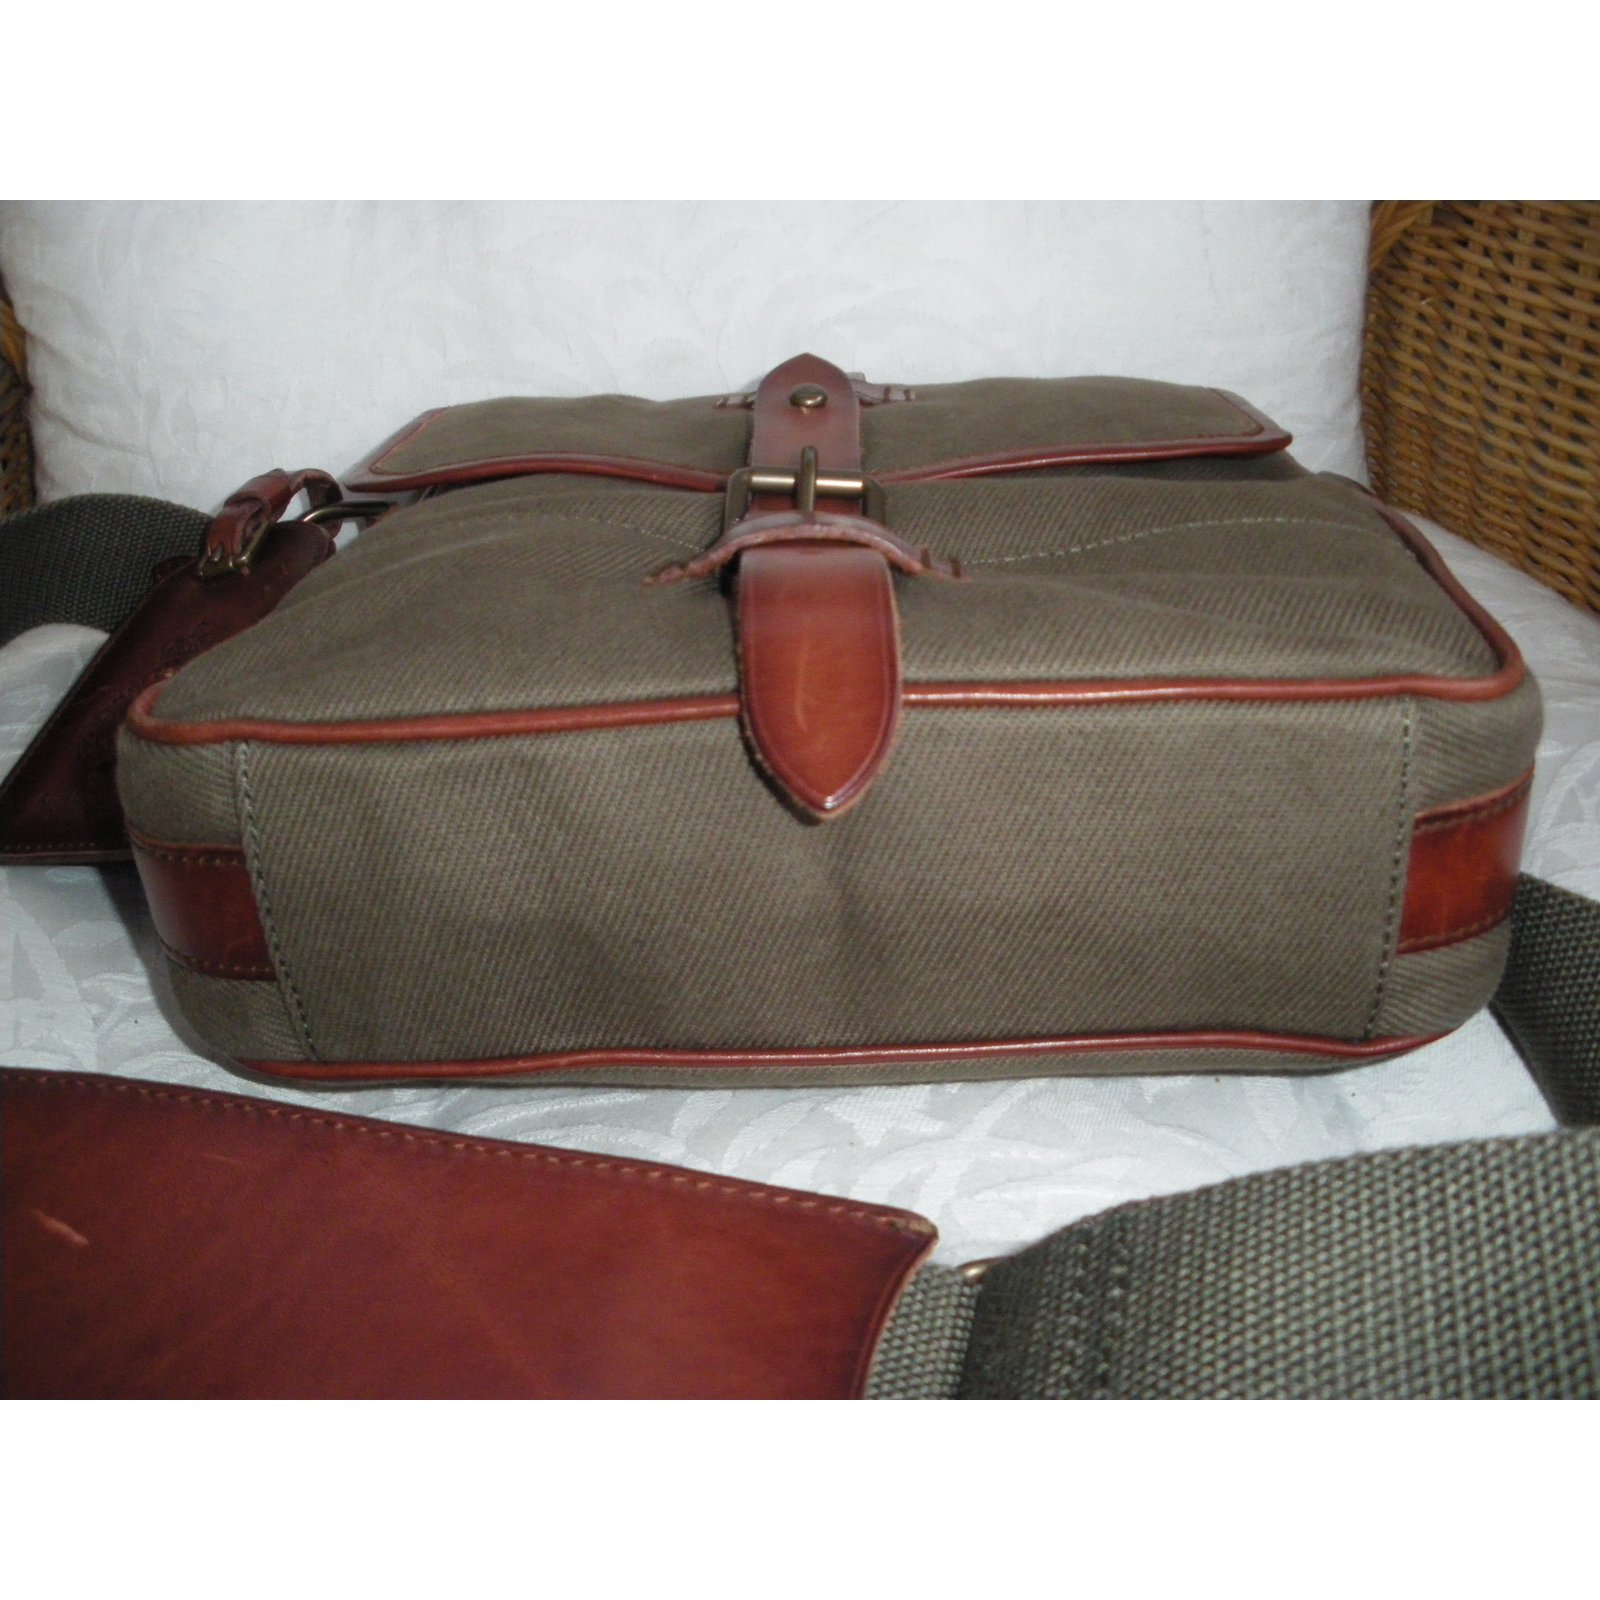 40c69134ba71 Facebook · Pin This. Polo Ralph Lauren Handbag Handbags Cloth Khaki ref. 22309